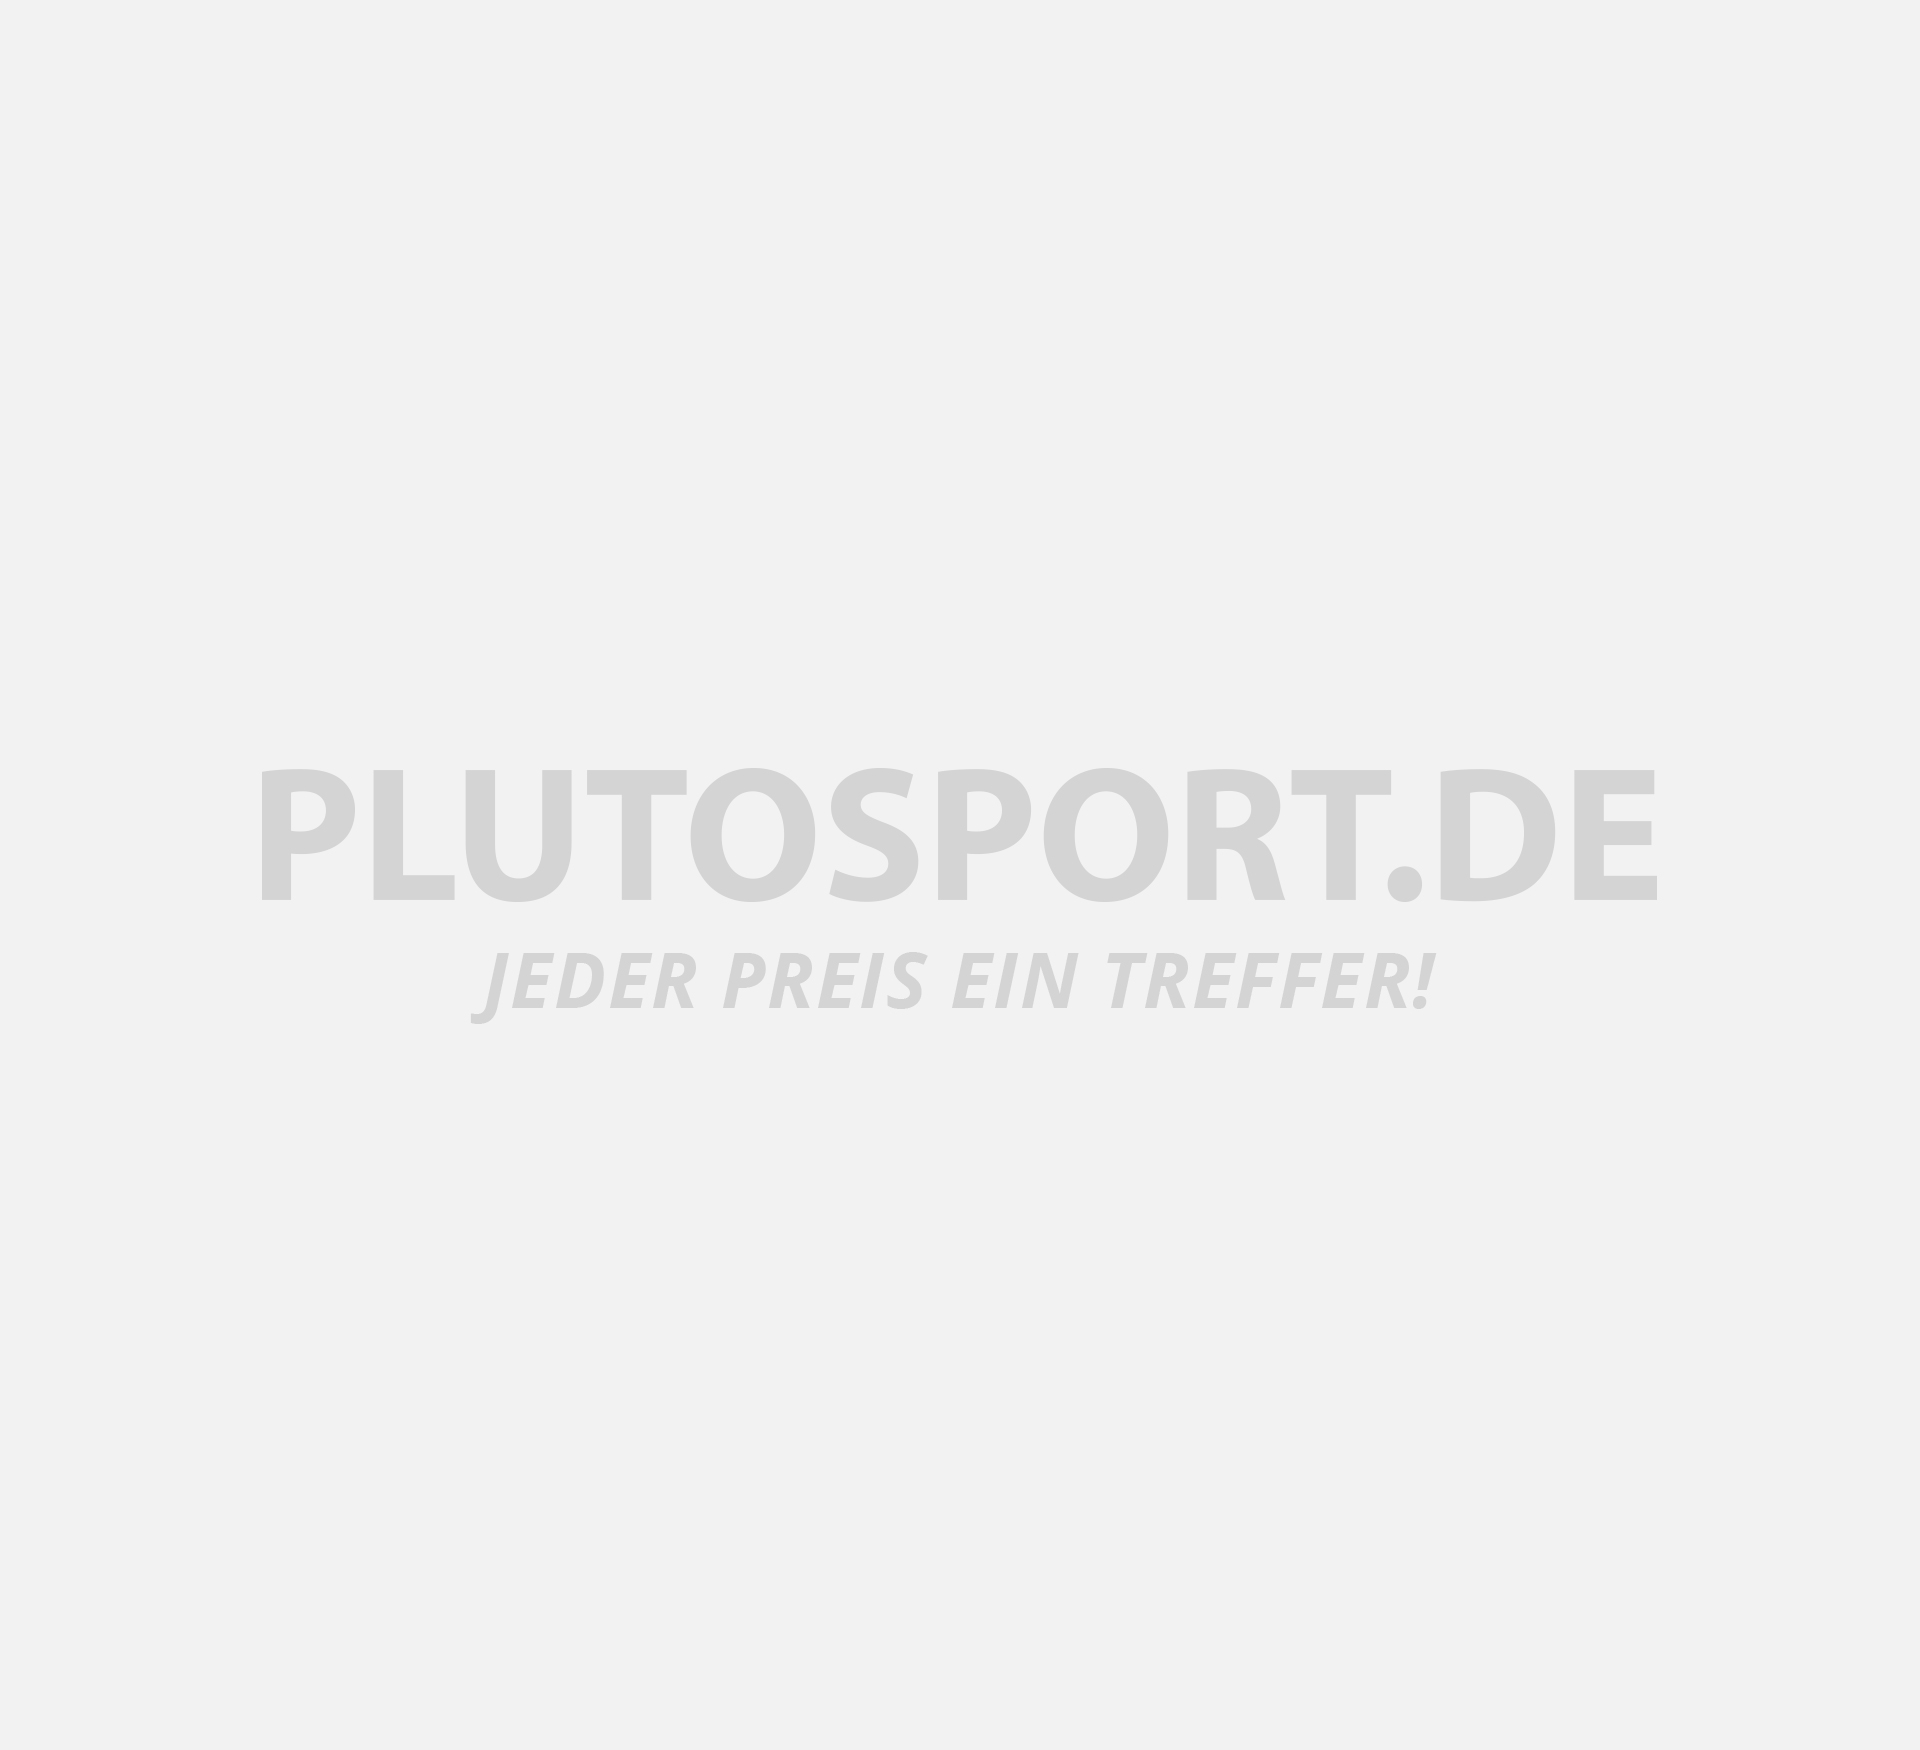 Adidas Ligra 6 Indoorschuhe Herren